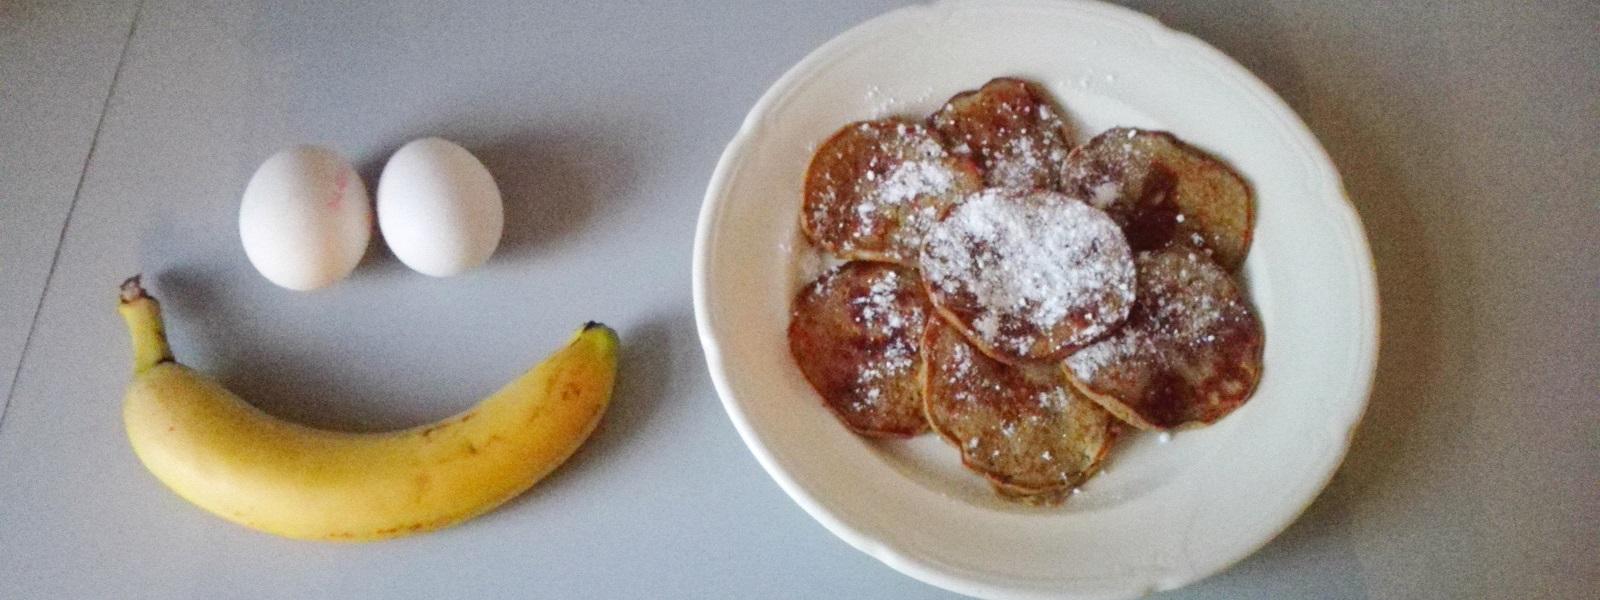 Bananen Pancakes Header